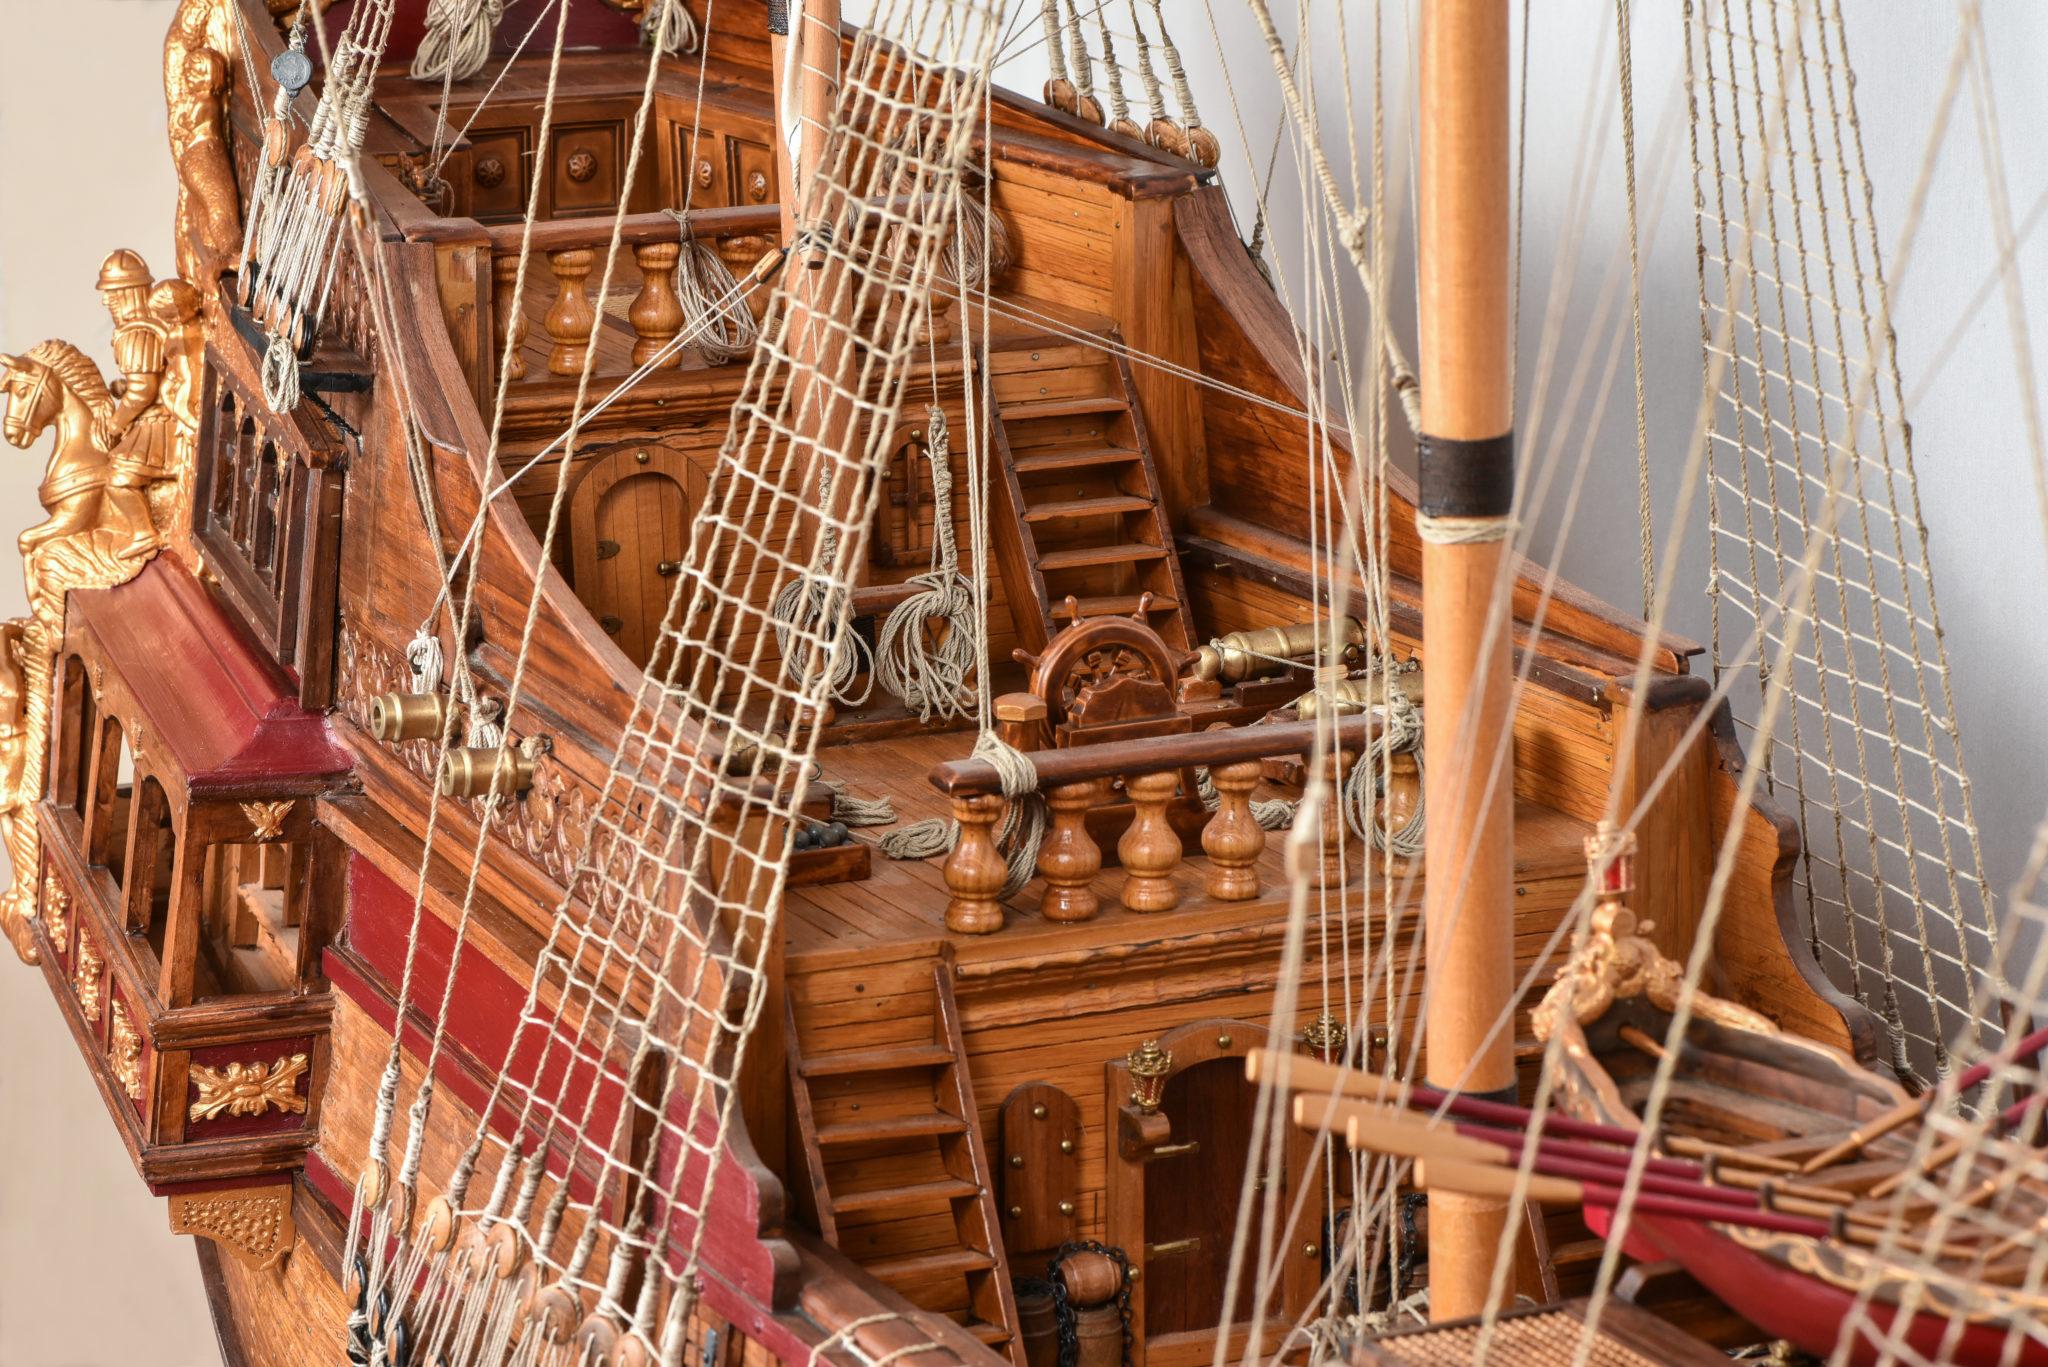 Το κατάστρωμα πλοήγησης του πλοίου με το τιμόνι (πηδάλιο)  και το επίστεγο που αποτελεί το «άβατο» του Κυβερνήτη του πλοίου. Πίσω του διακρίνετε η είσοδος της  καμπίνας  του κυβερνήτη, ενώ κάτω από αυτήν βρίσκετε ο χώρος διαμονής και εστίασης των αξιωματικών και των  « υψηλών » επιβατών.